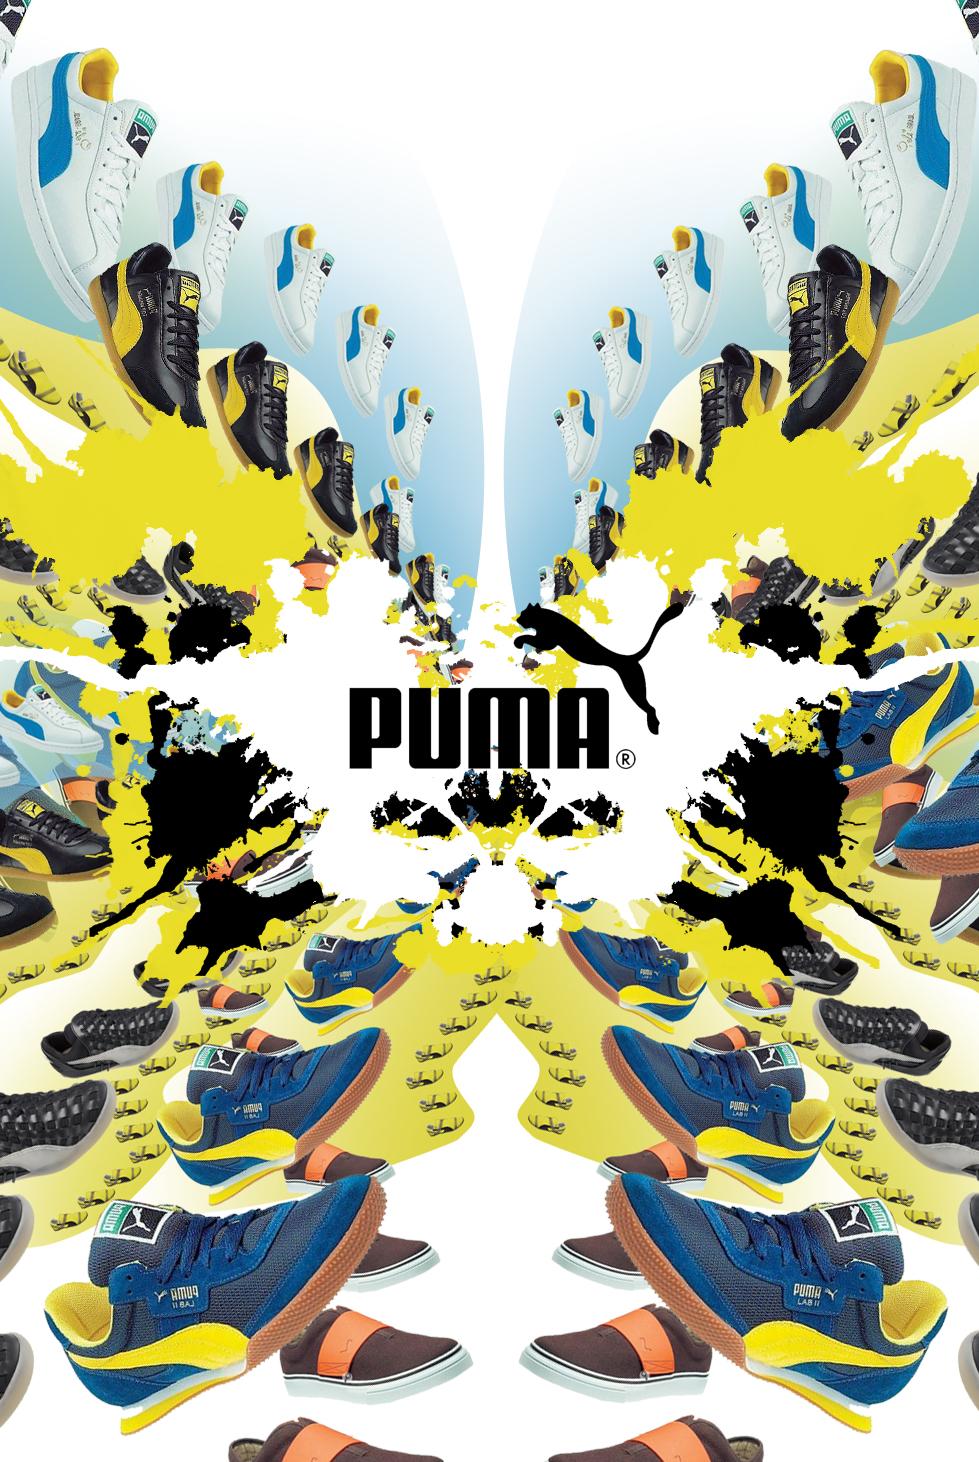 livraison gratuite 41339 9c673 Puma Ad by daante on DeviantArt